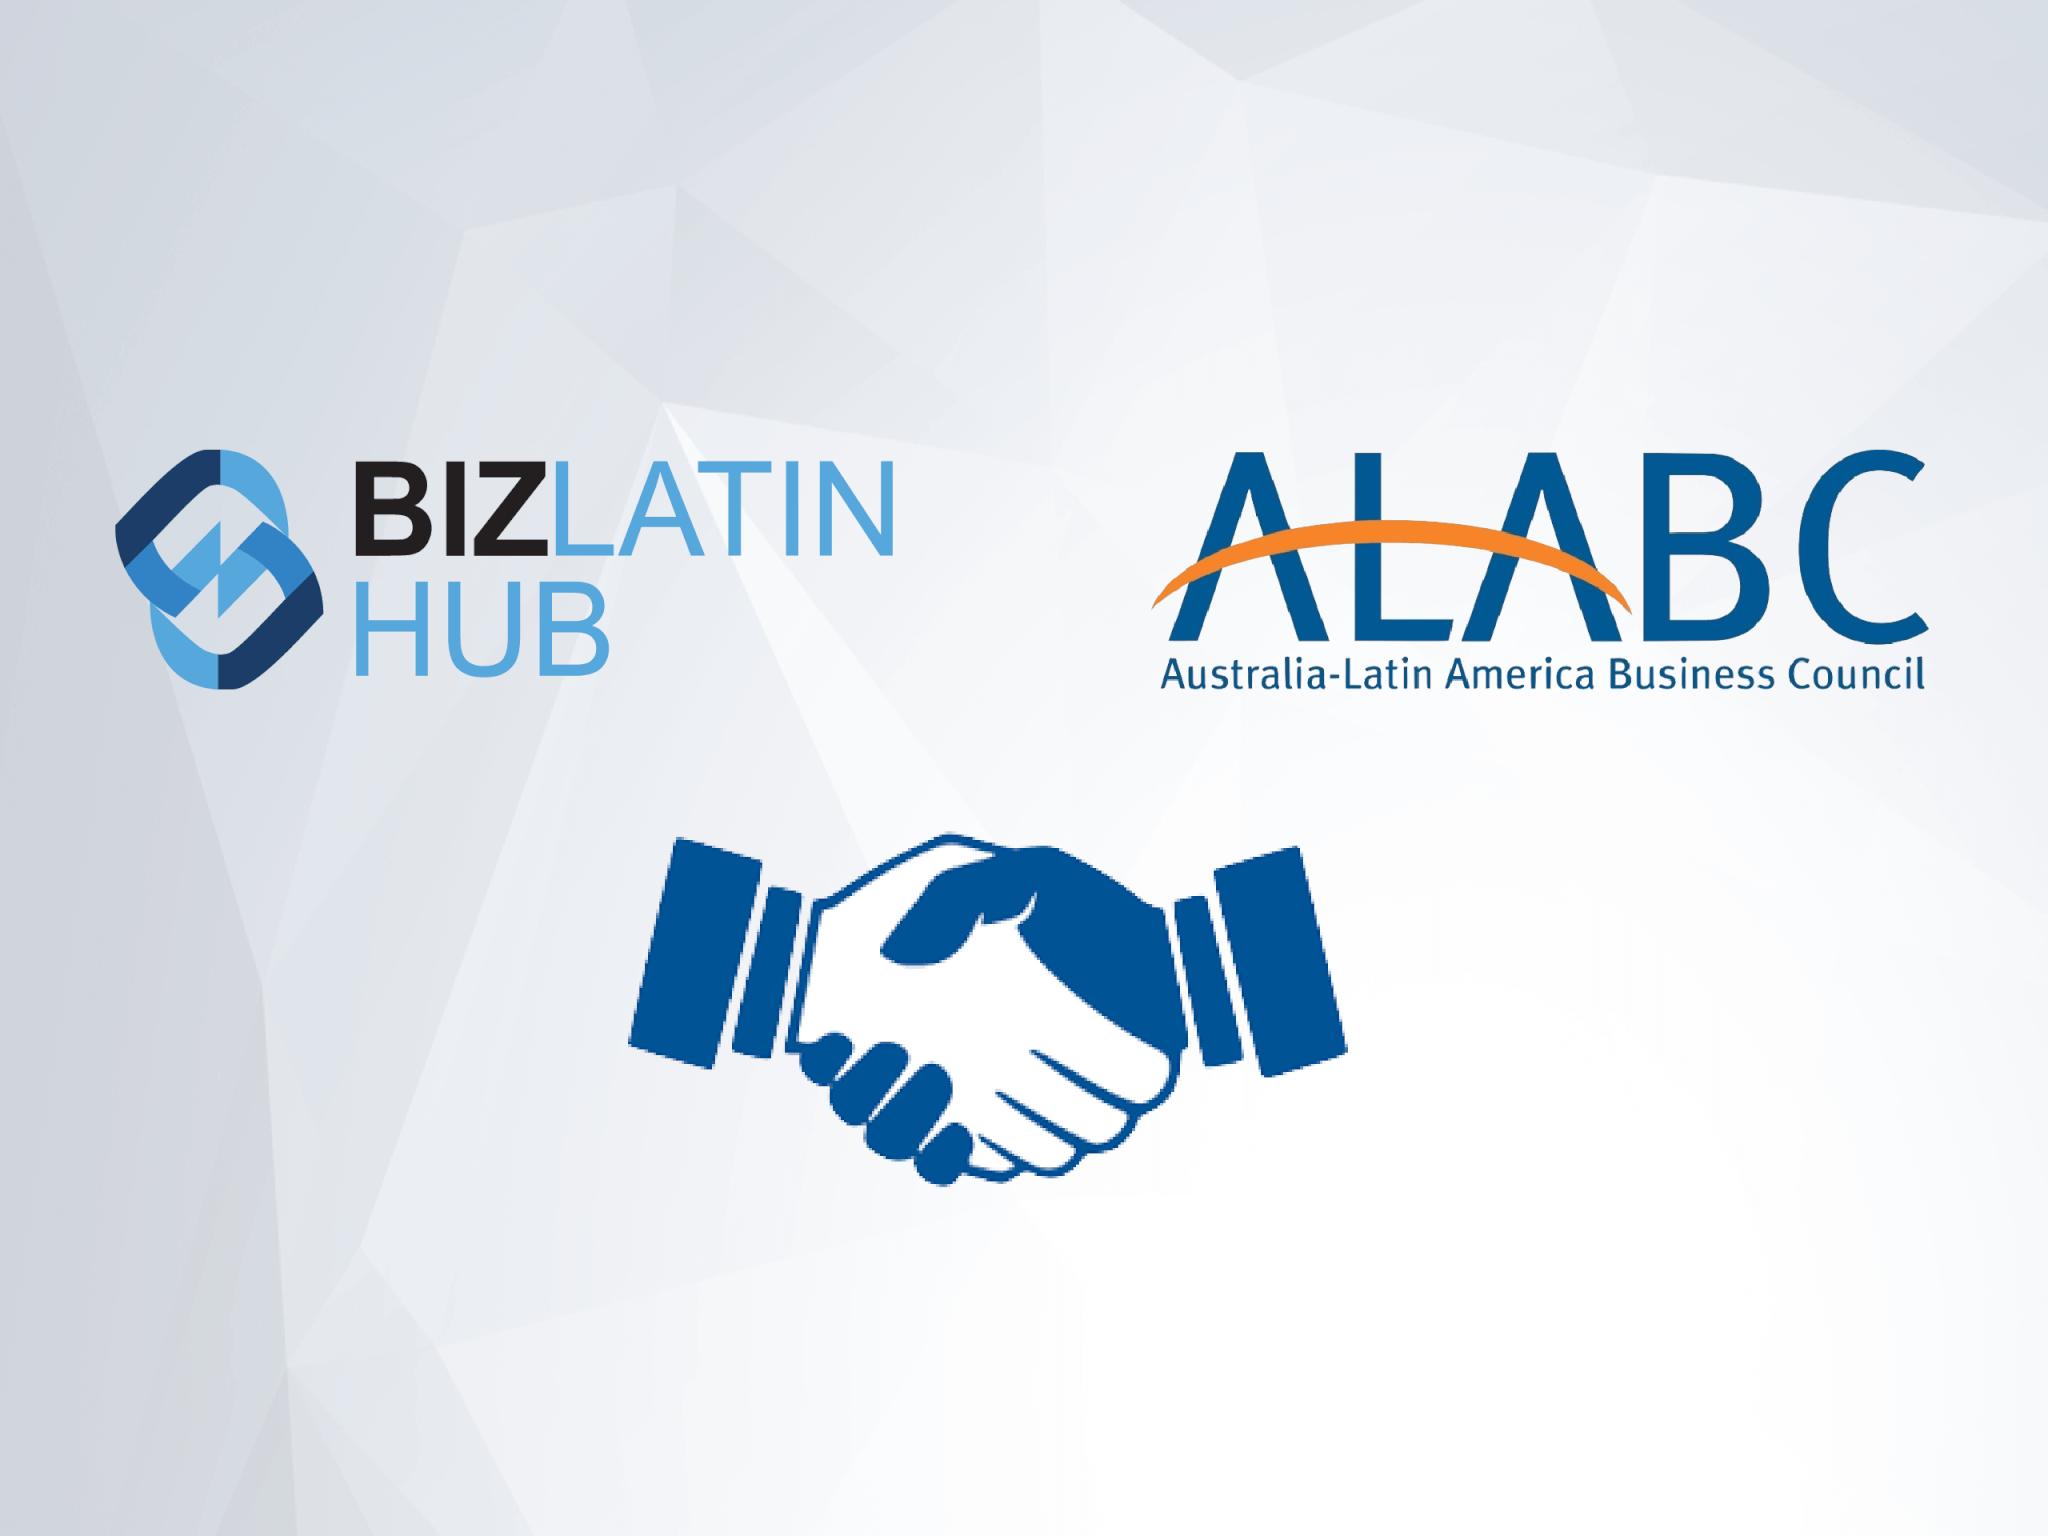 BLH & ALABC se unen: Crecientes vínculos de negocios entre Australia y América Latina